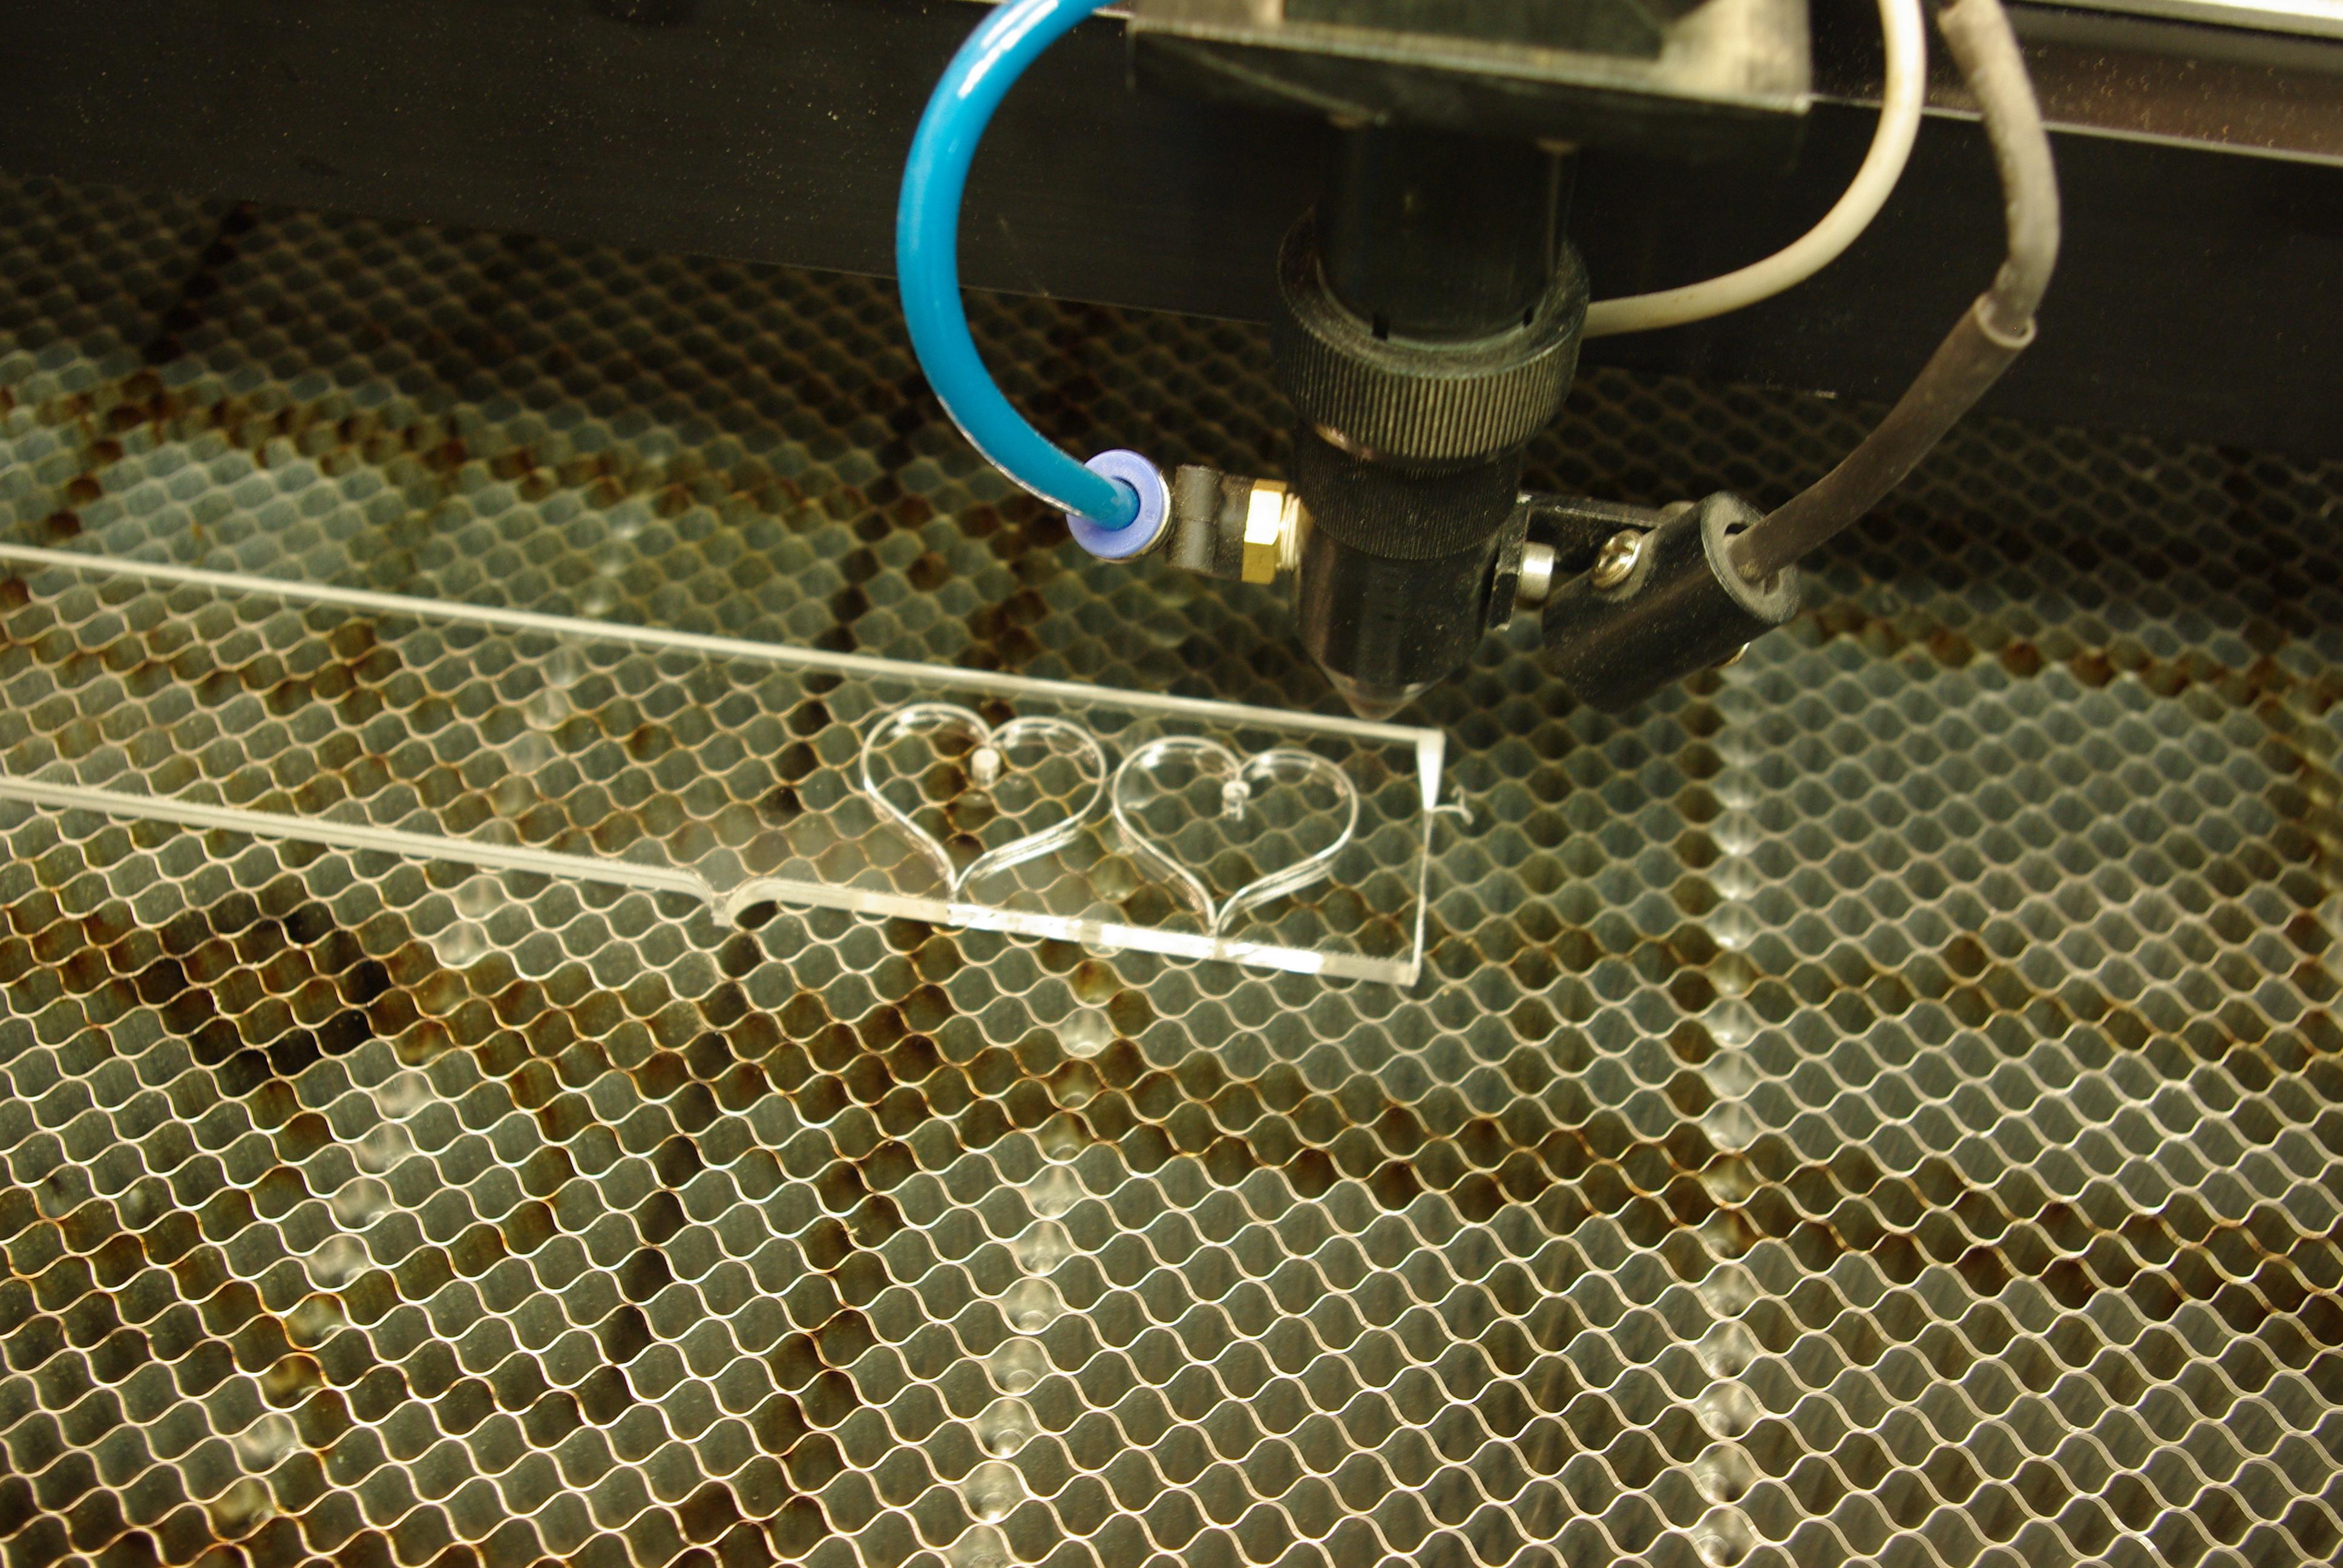 Usposabljanje za samostojno uporabo laserja